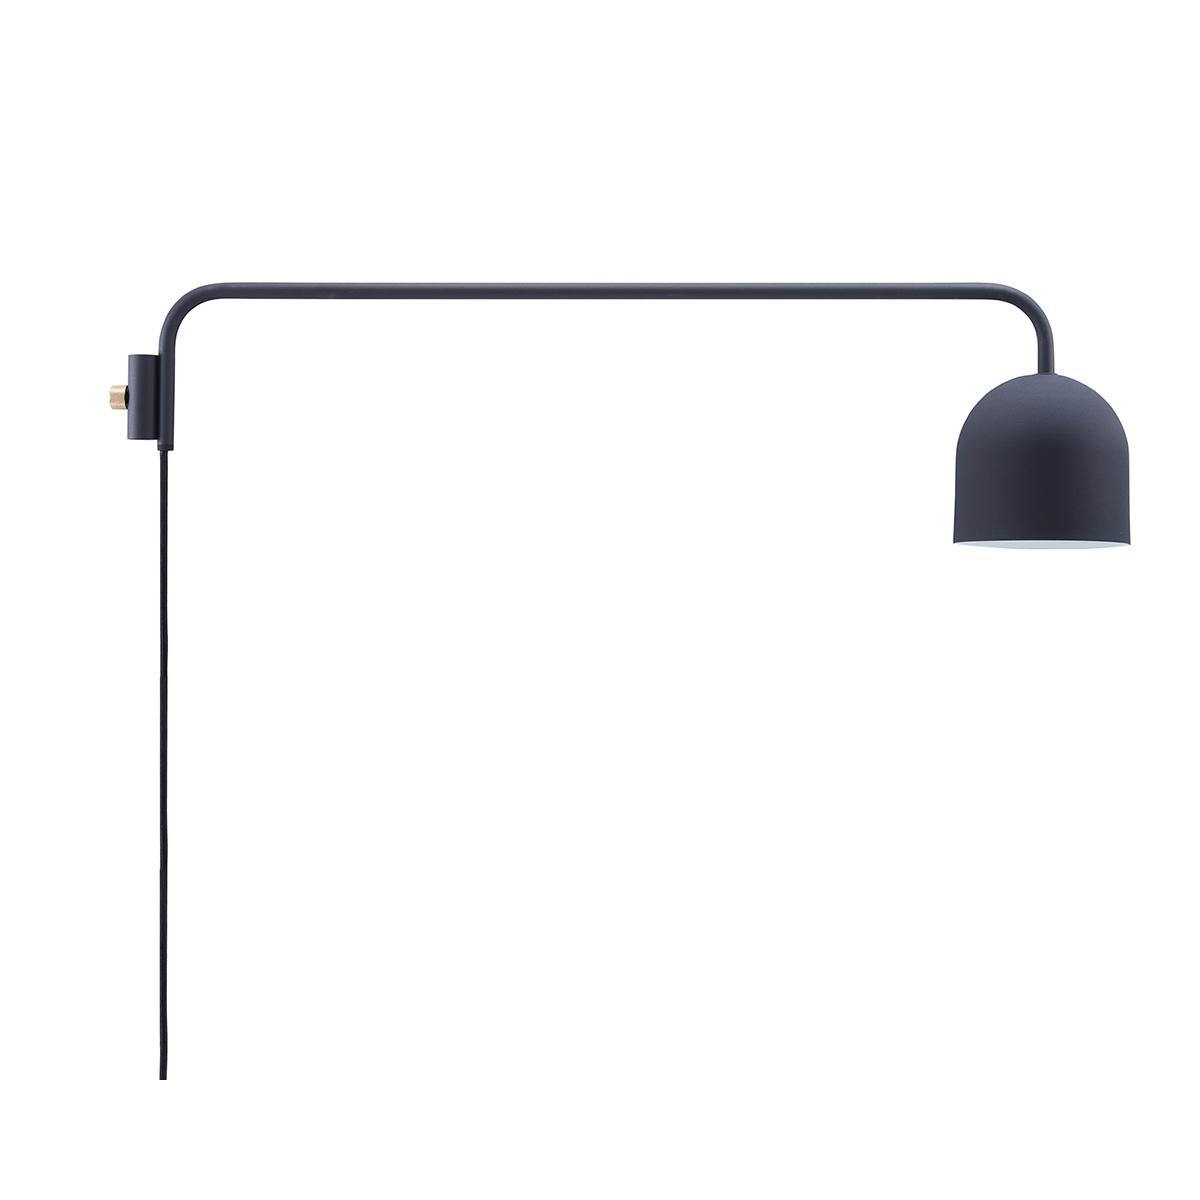 DRAW A LINE ランプ C